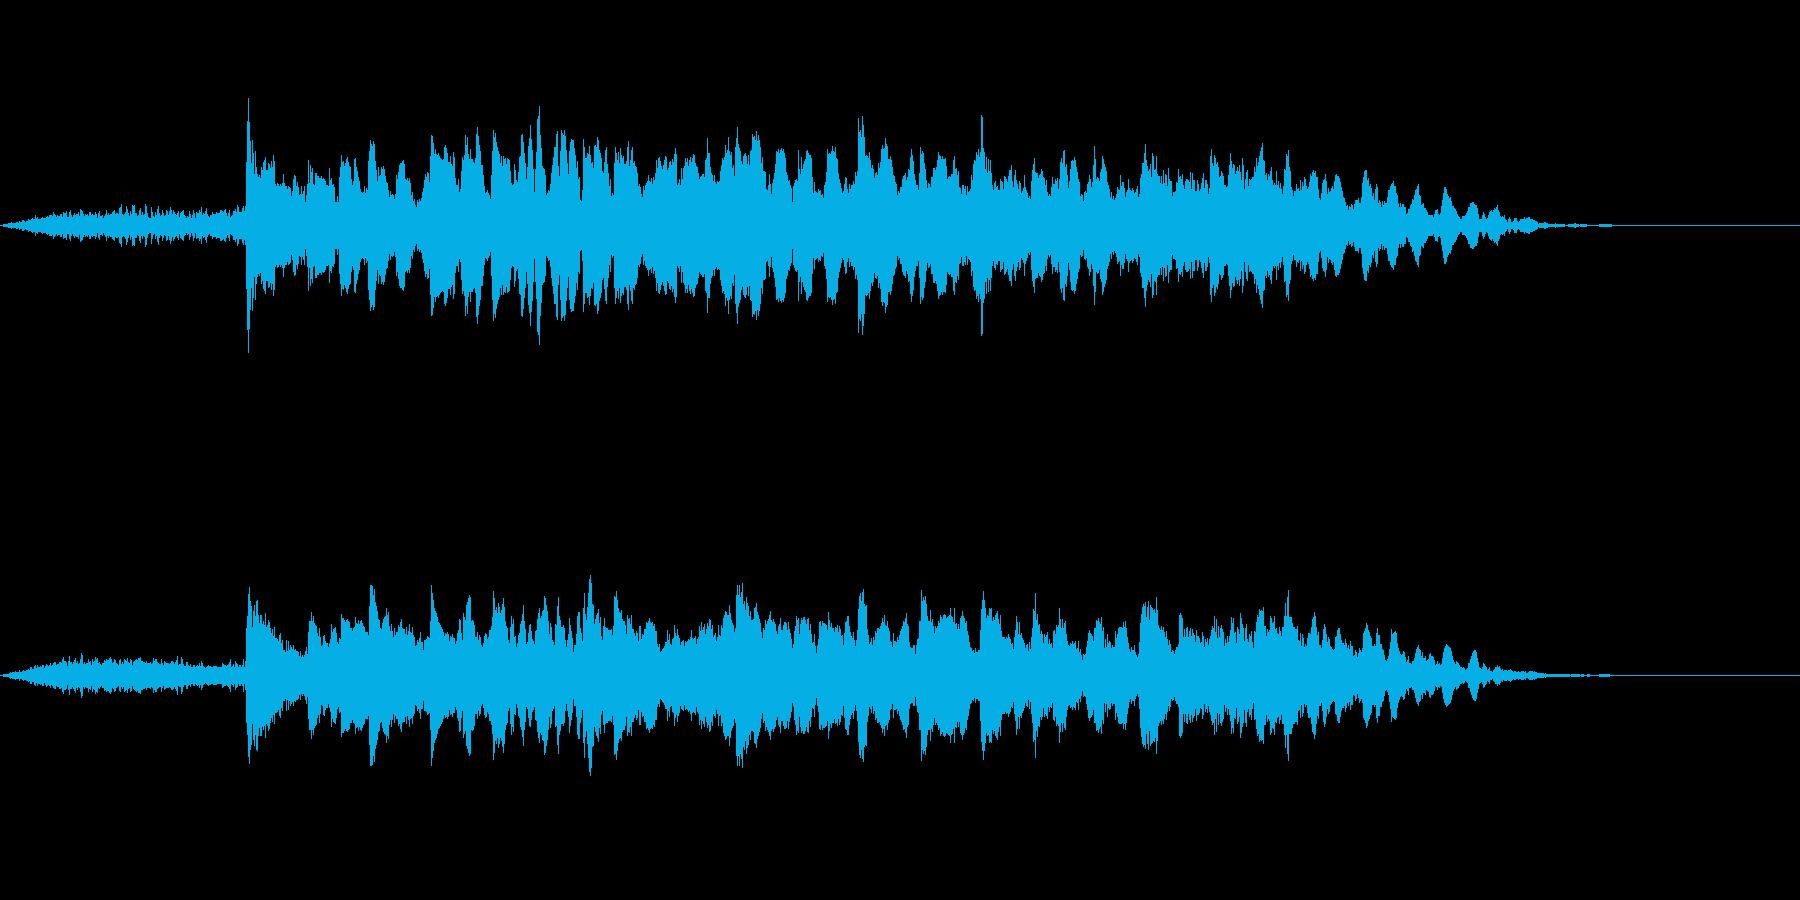 尺八と琴のゆったりとした和風ジングルの再生済みの波形